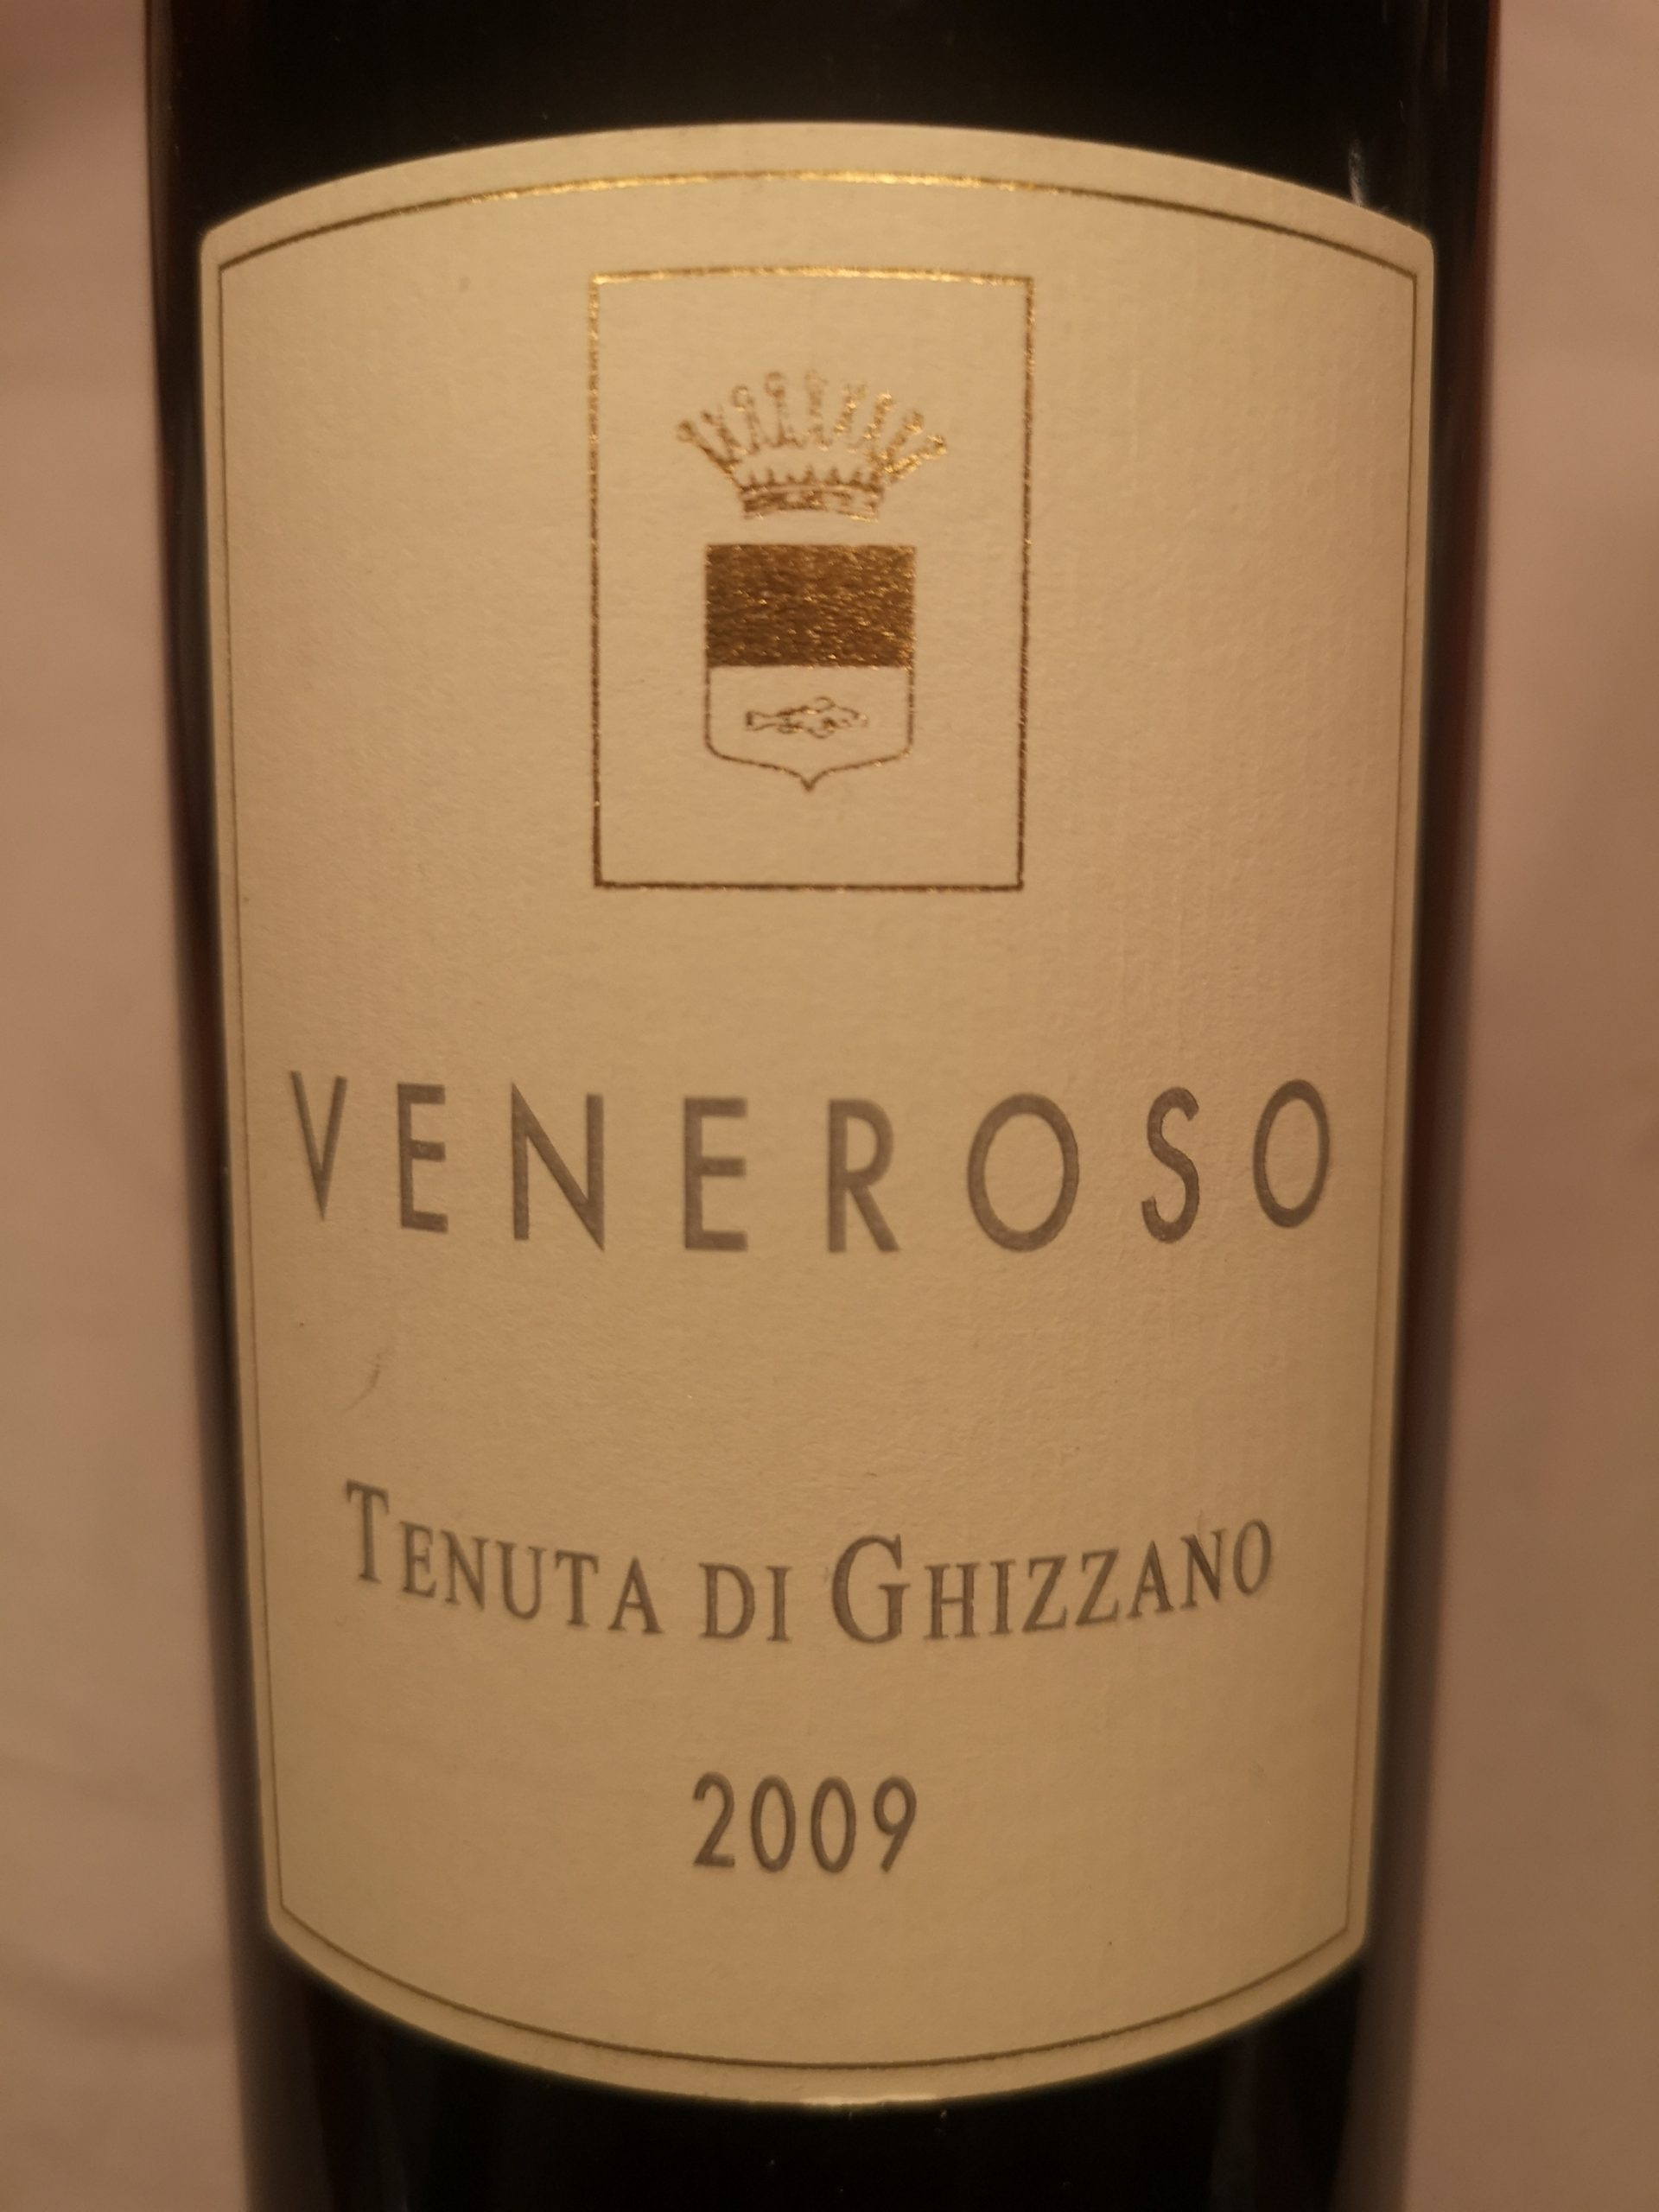 2009 Veneroso | Tenuta di Ghizzano